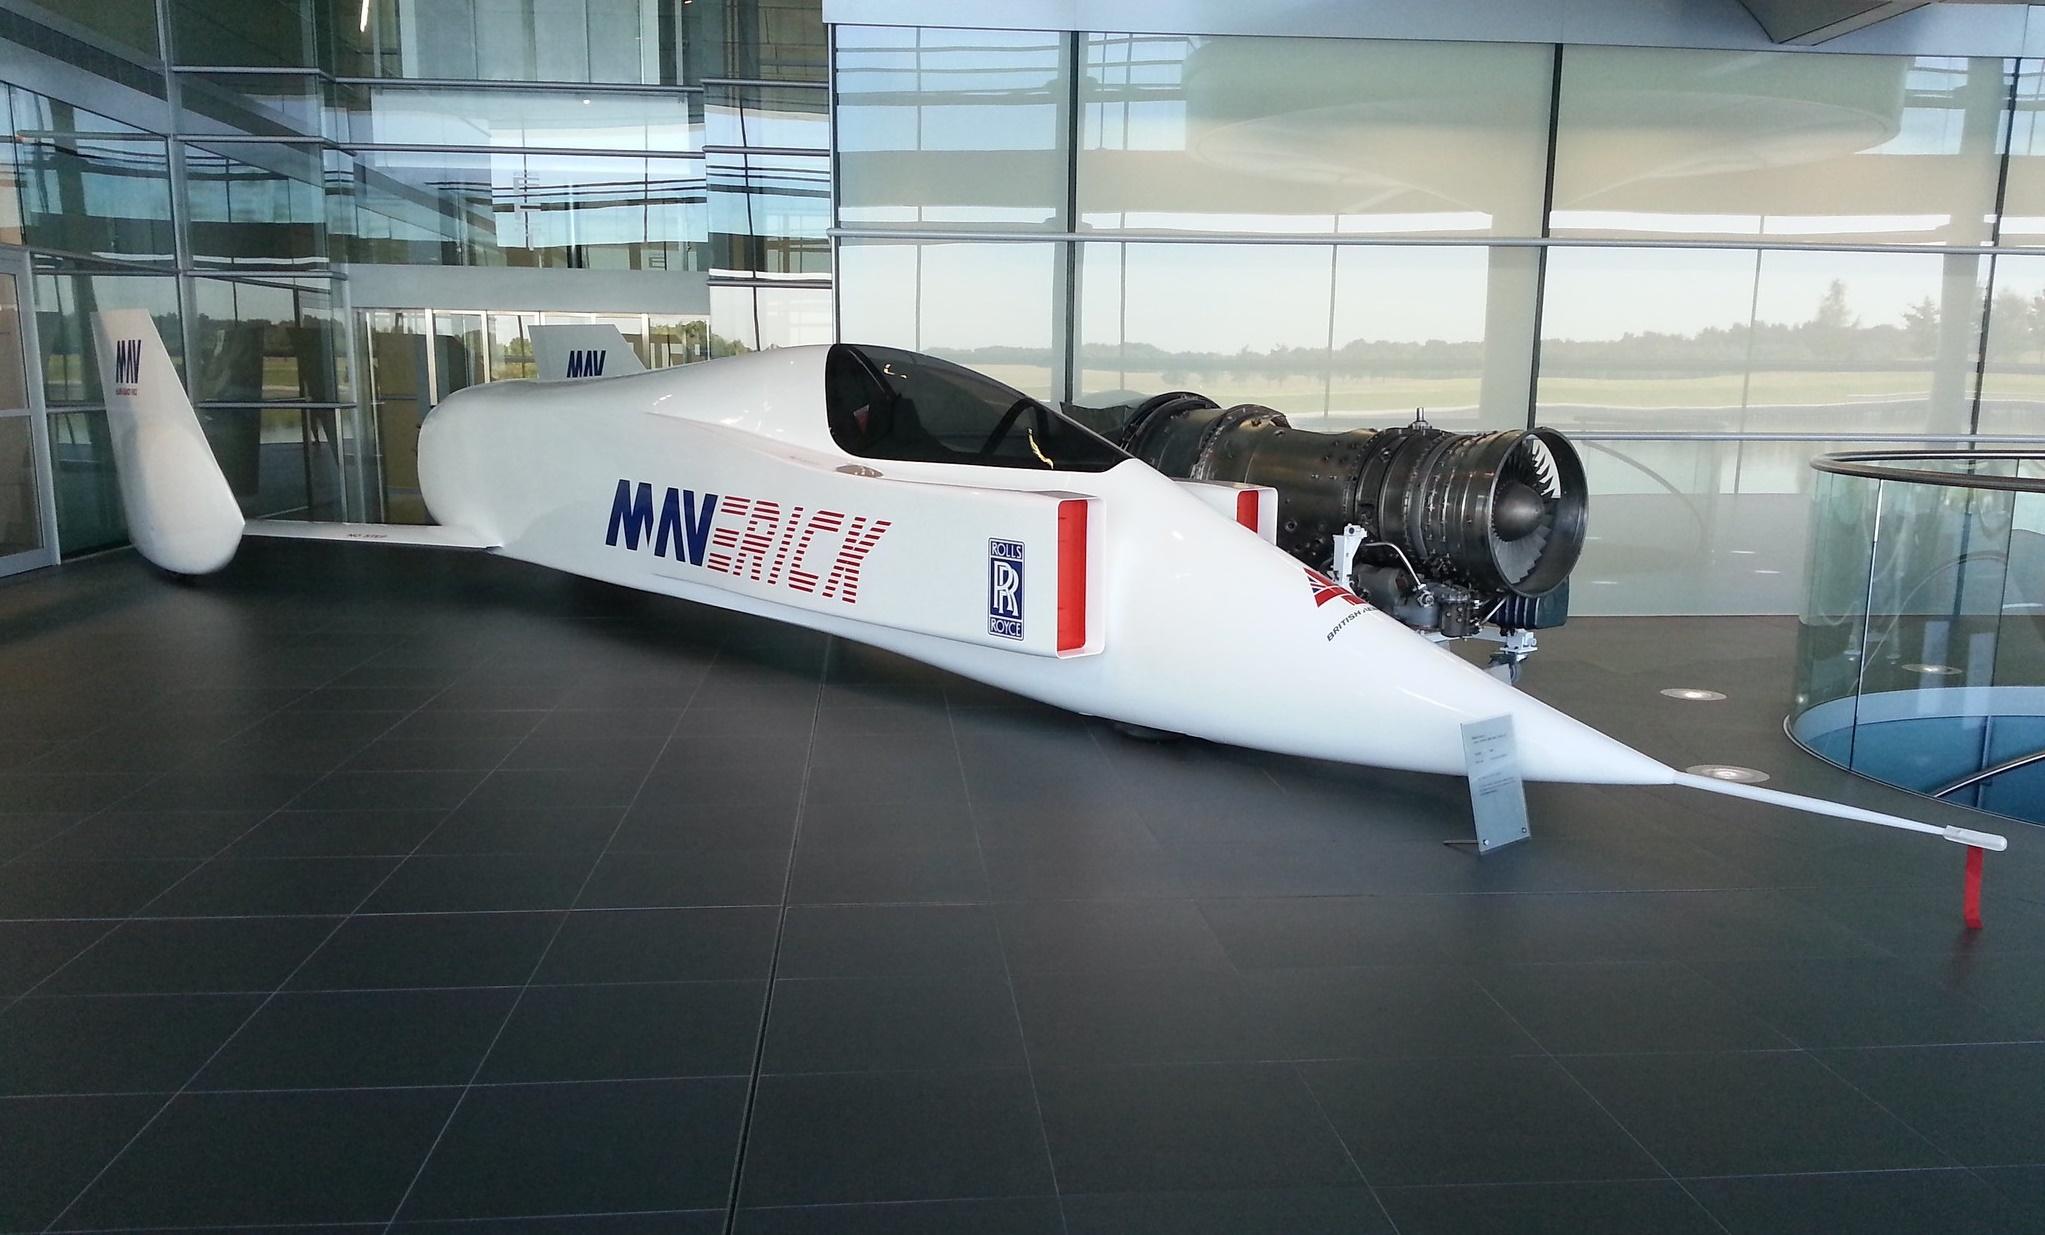 Kako je McLaren imao san da obori kopneni brzinski rekord s Ajrtonom Senom